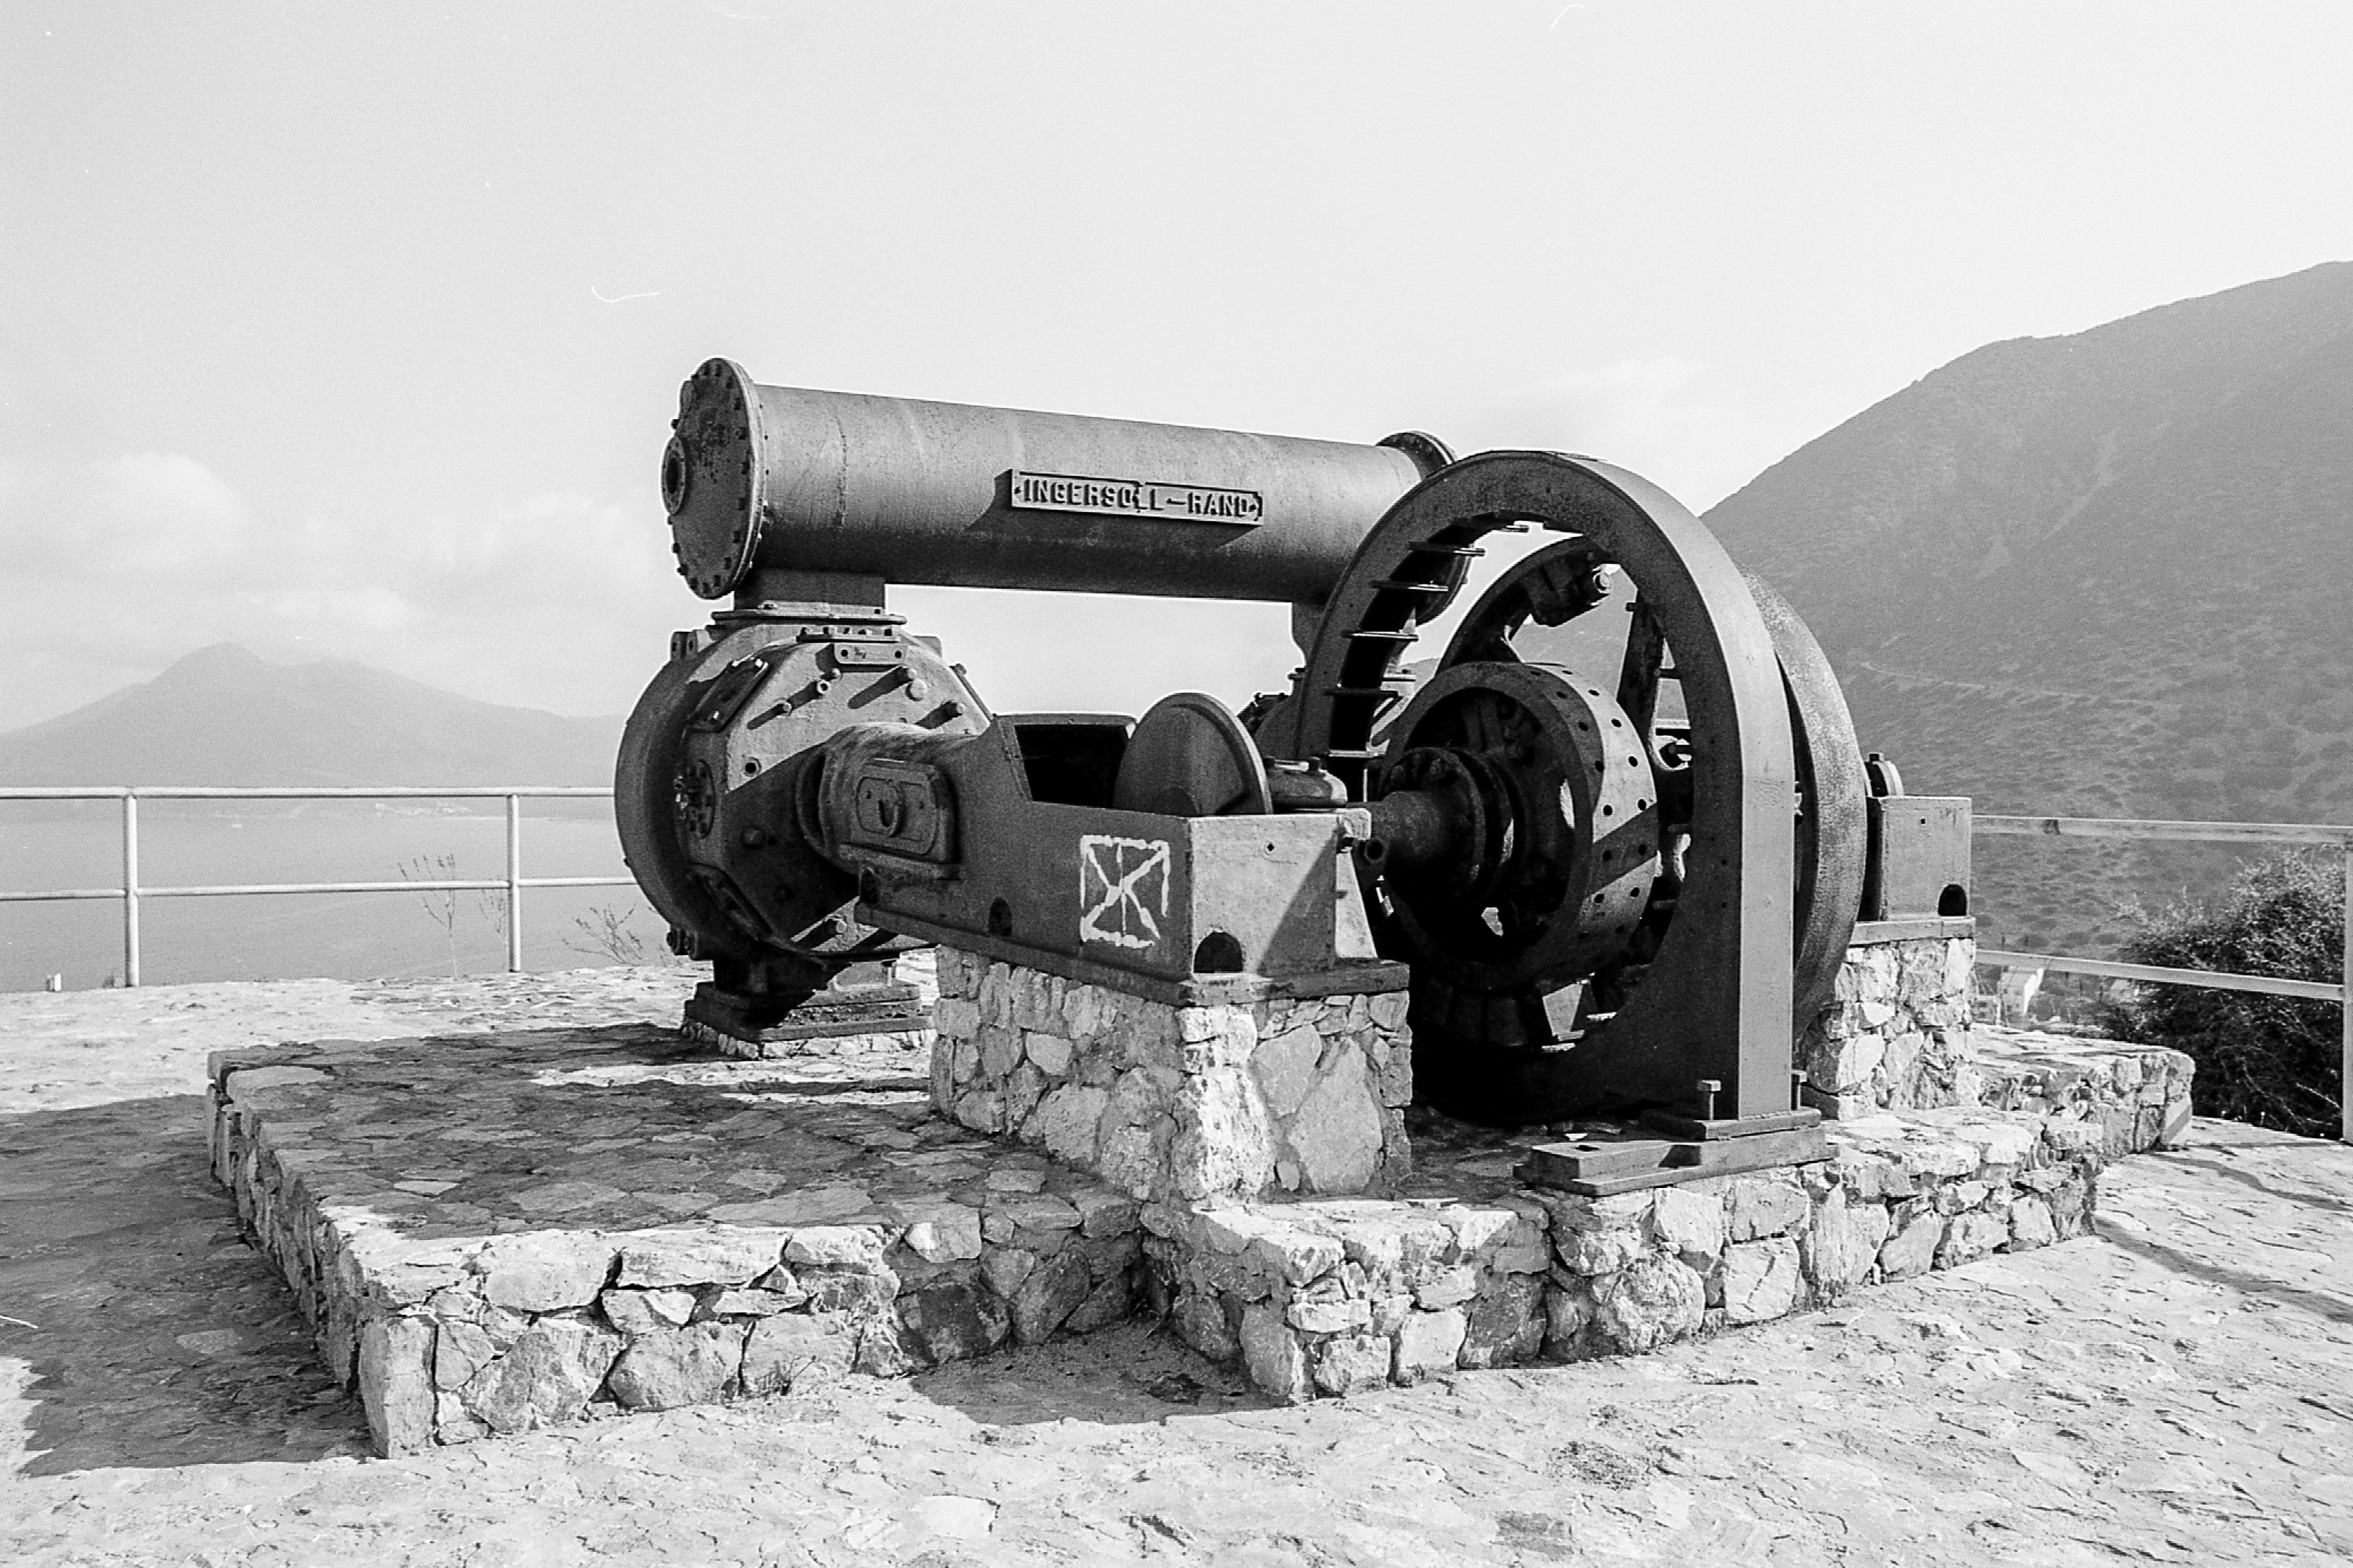 Il compressore daria per ventilare le miniere esposto nel piazzale del belvedere di BuggerruJPG